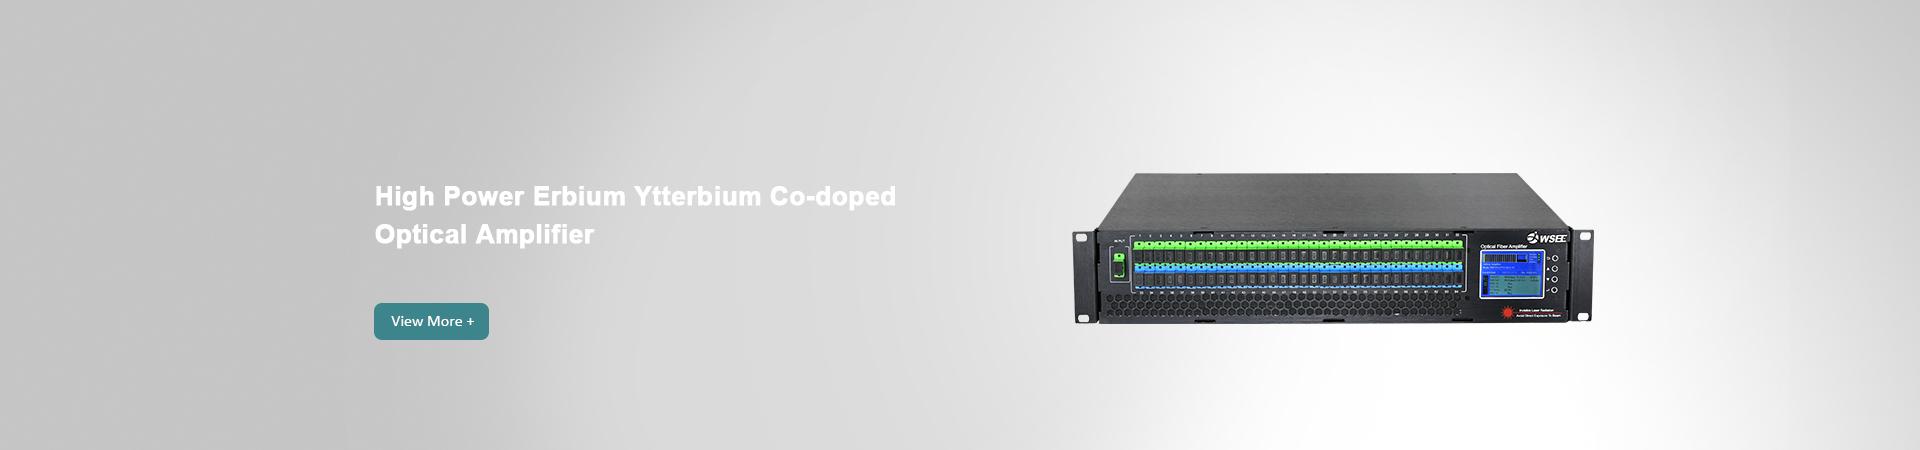 High Power Erbium Ytterbium Co-doped Optical Amplifier